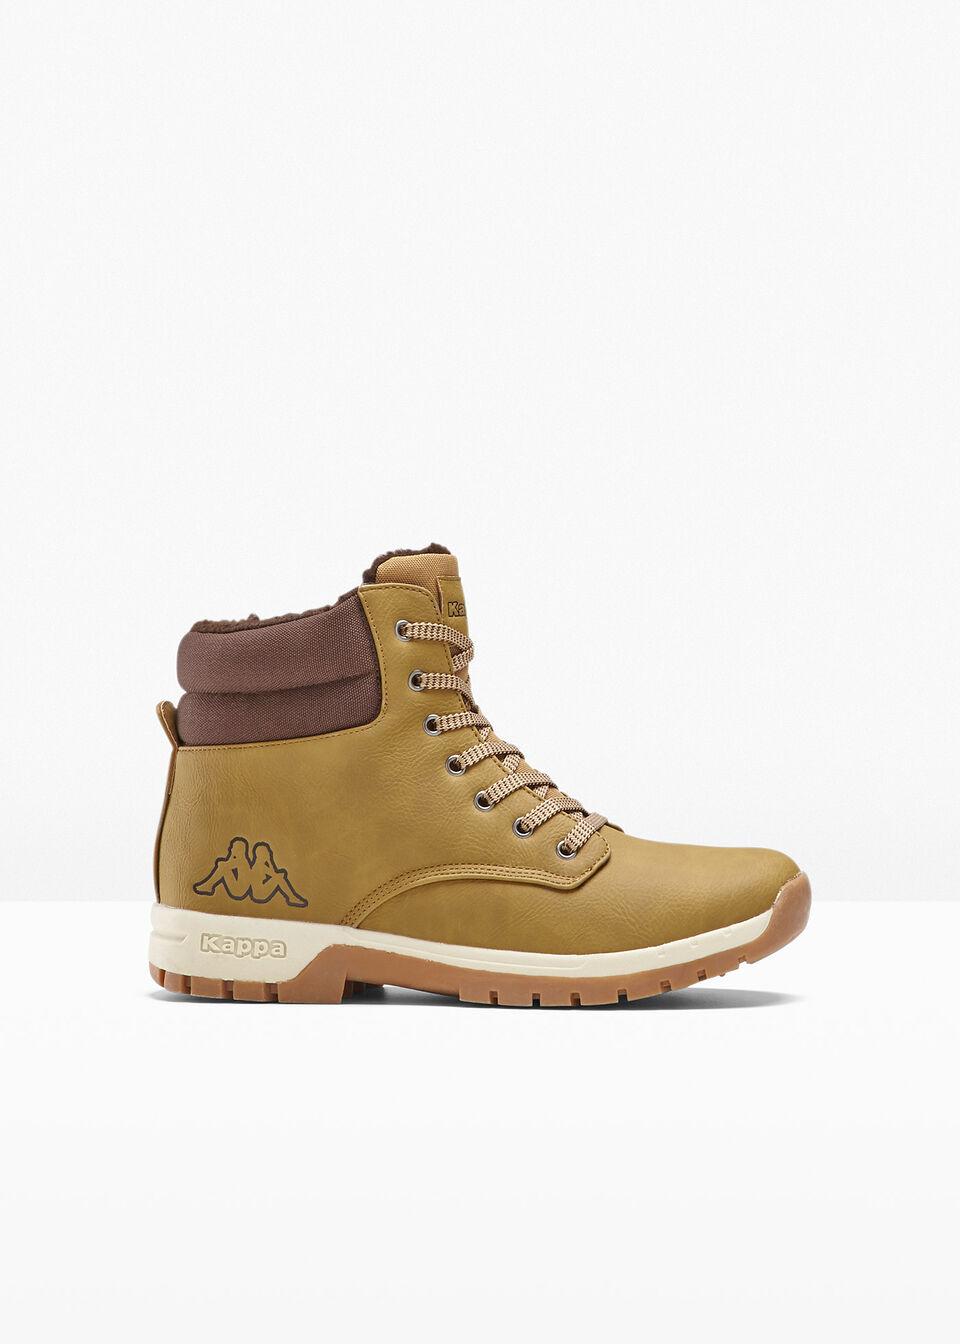 Ботинки на шнуровке Kappa от bonprix